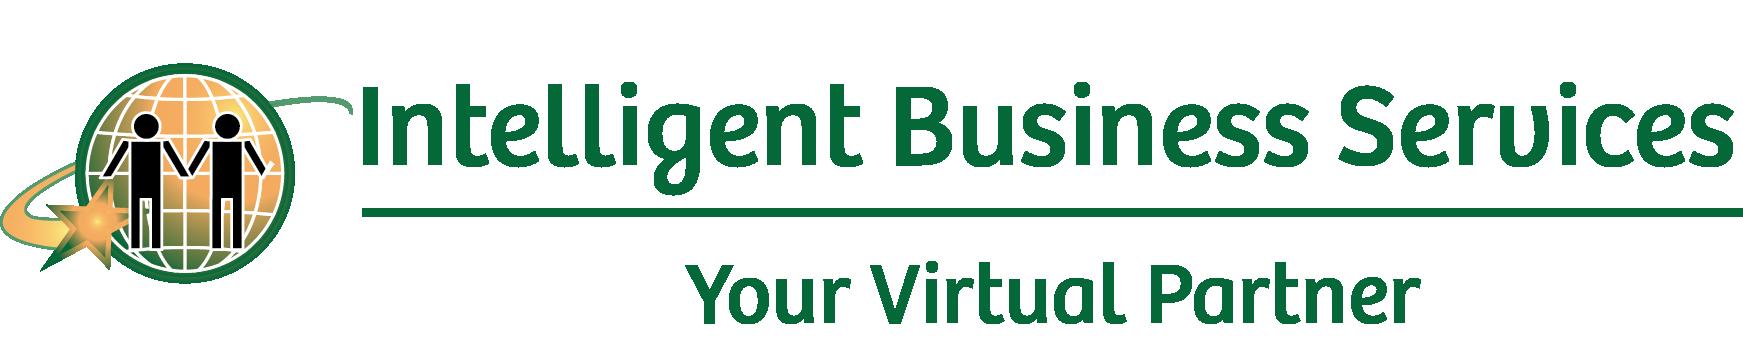 Intelligent Business Services Header